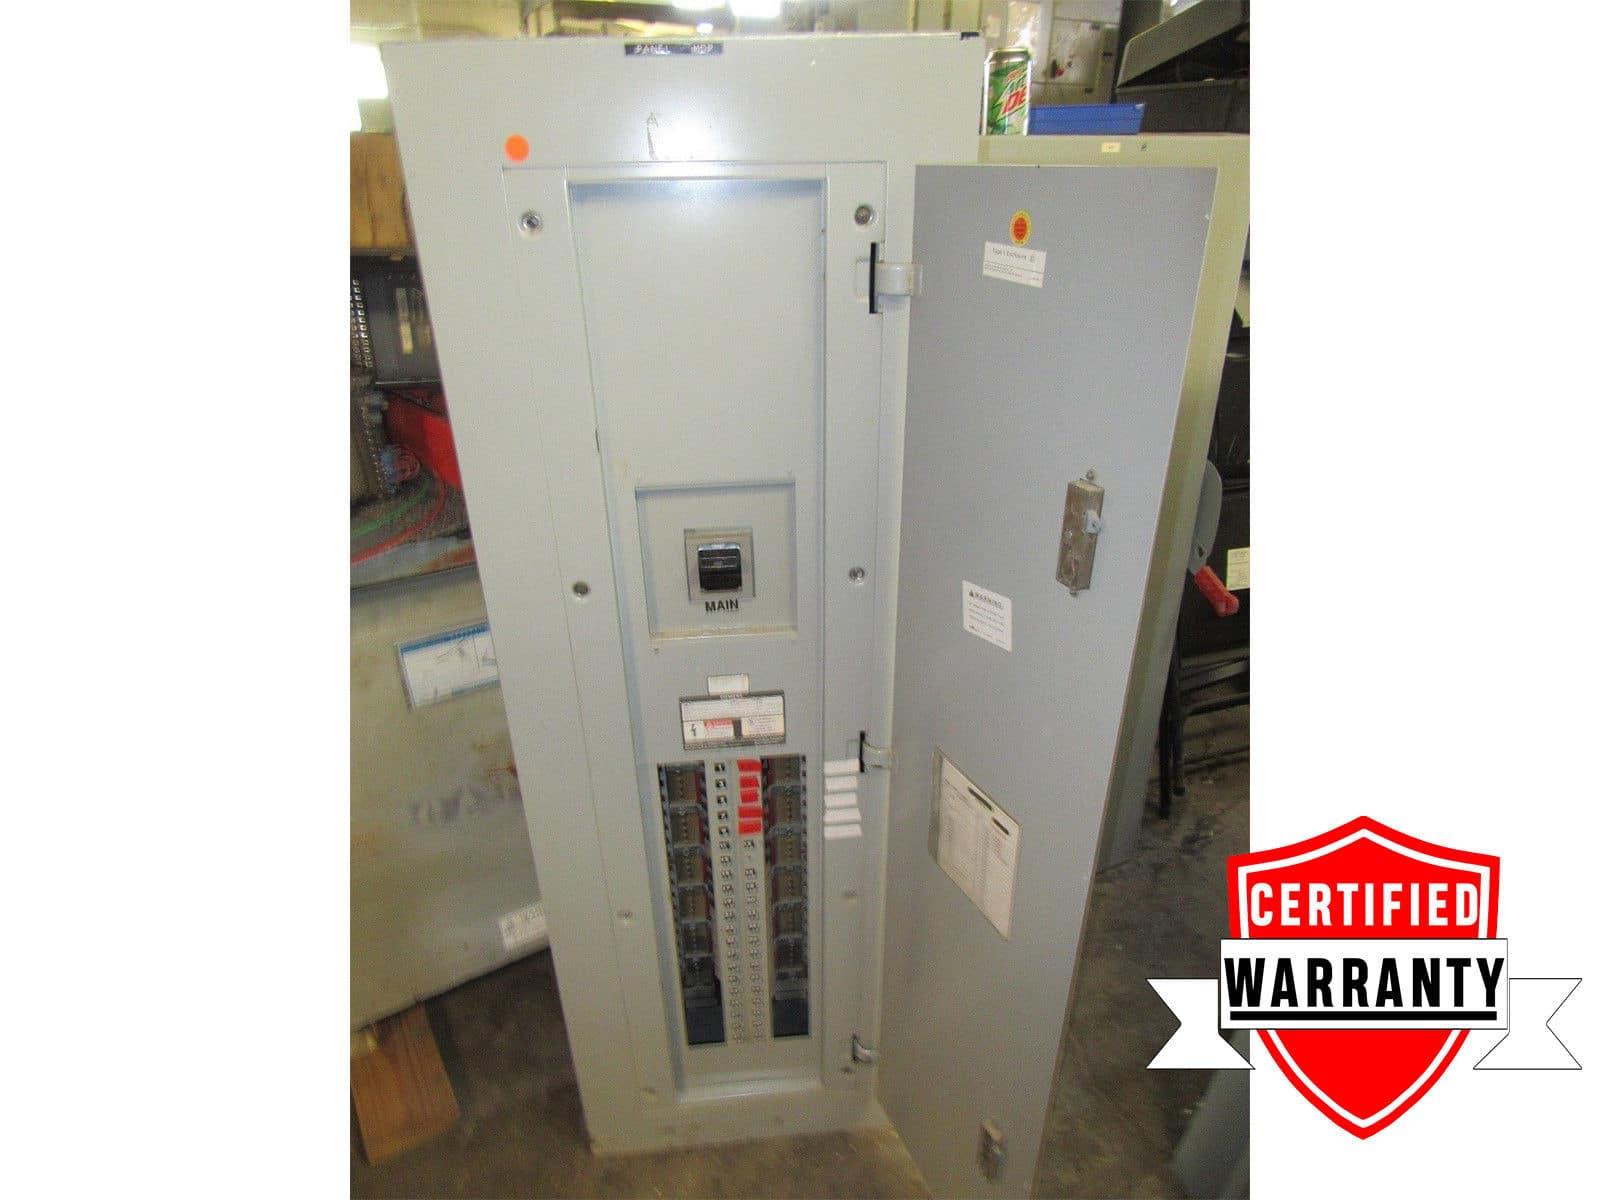 Sie Panel board main breaker 42cir 480/277 3p 400A 1 year warranty on